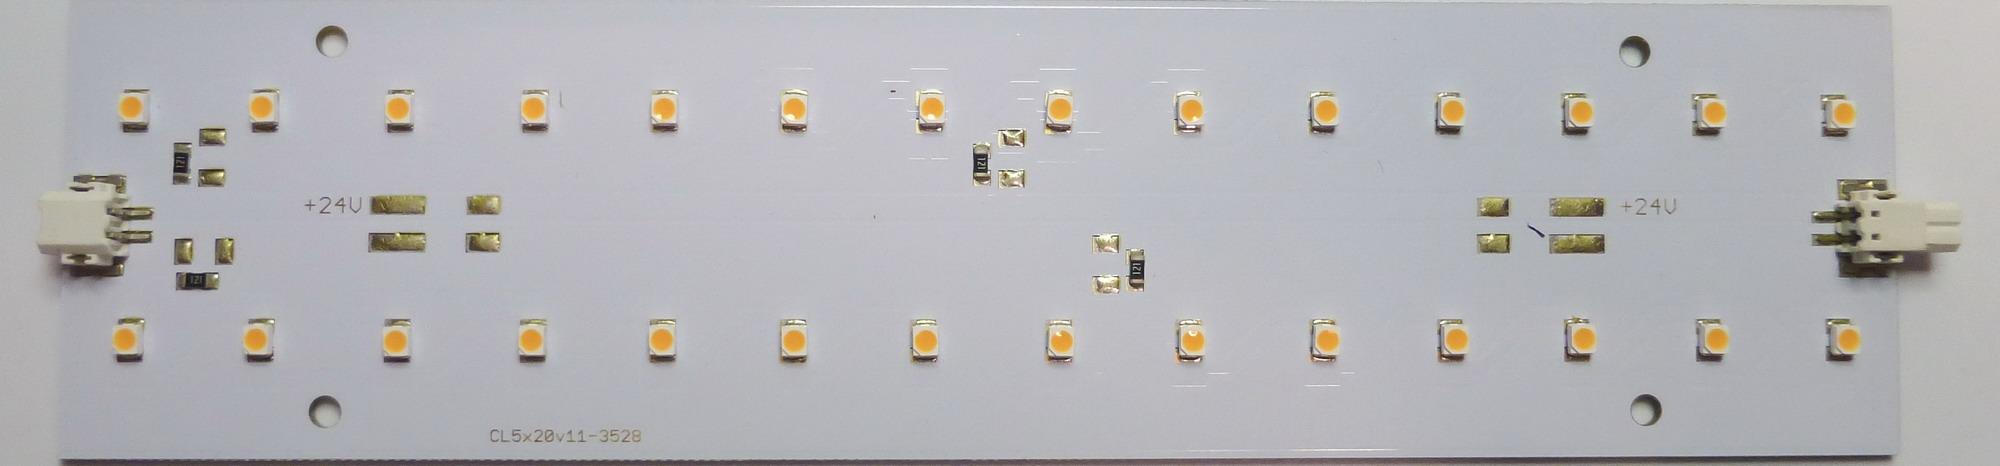 LED-Modul Platine 50x200mm, 2700K, 24V-LED218e